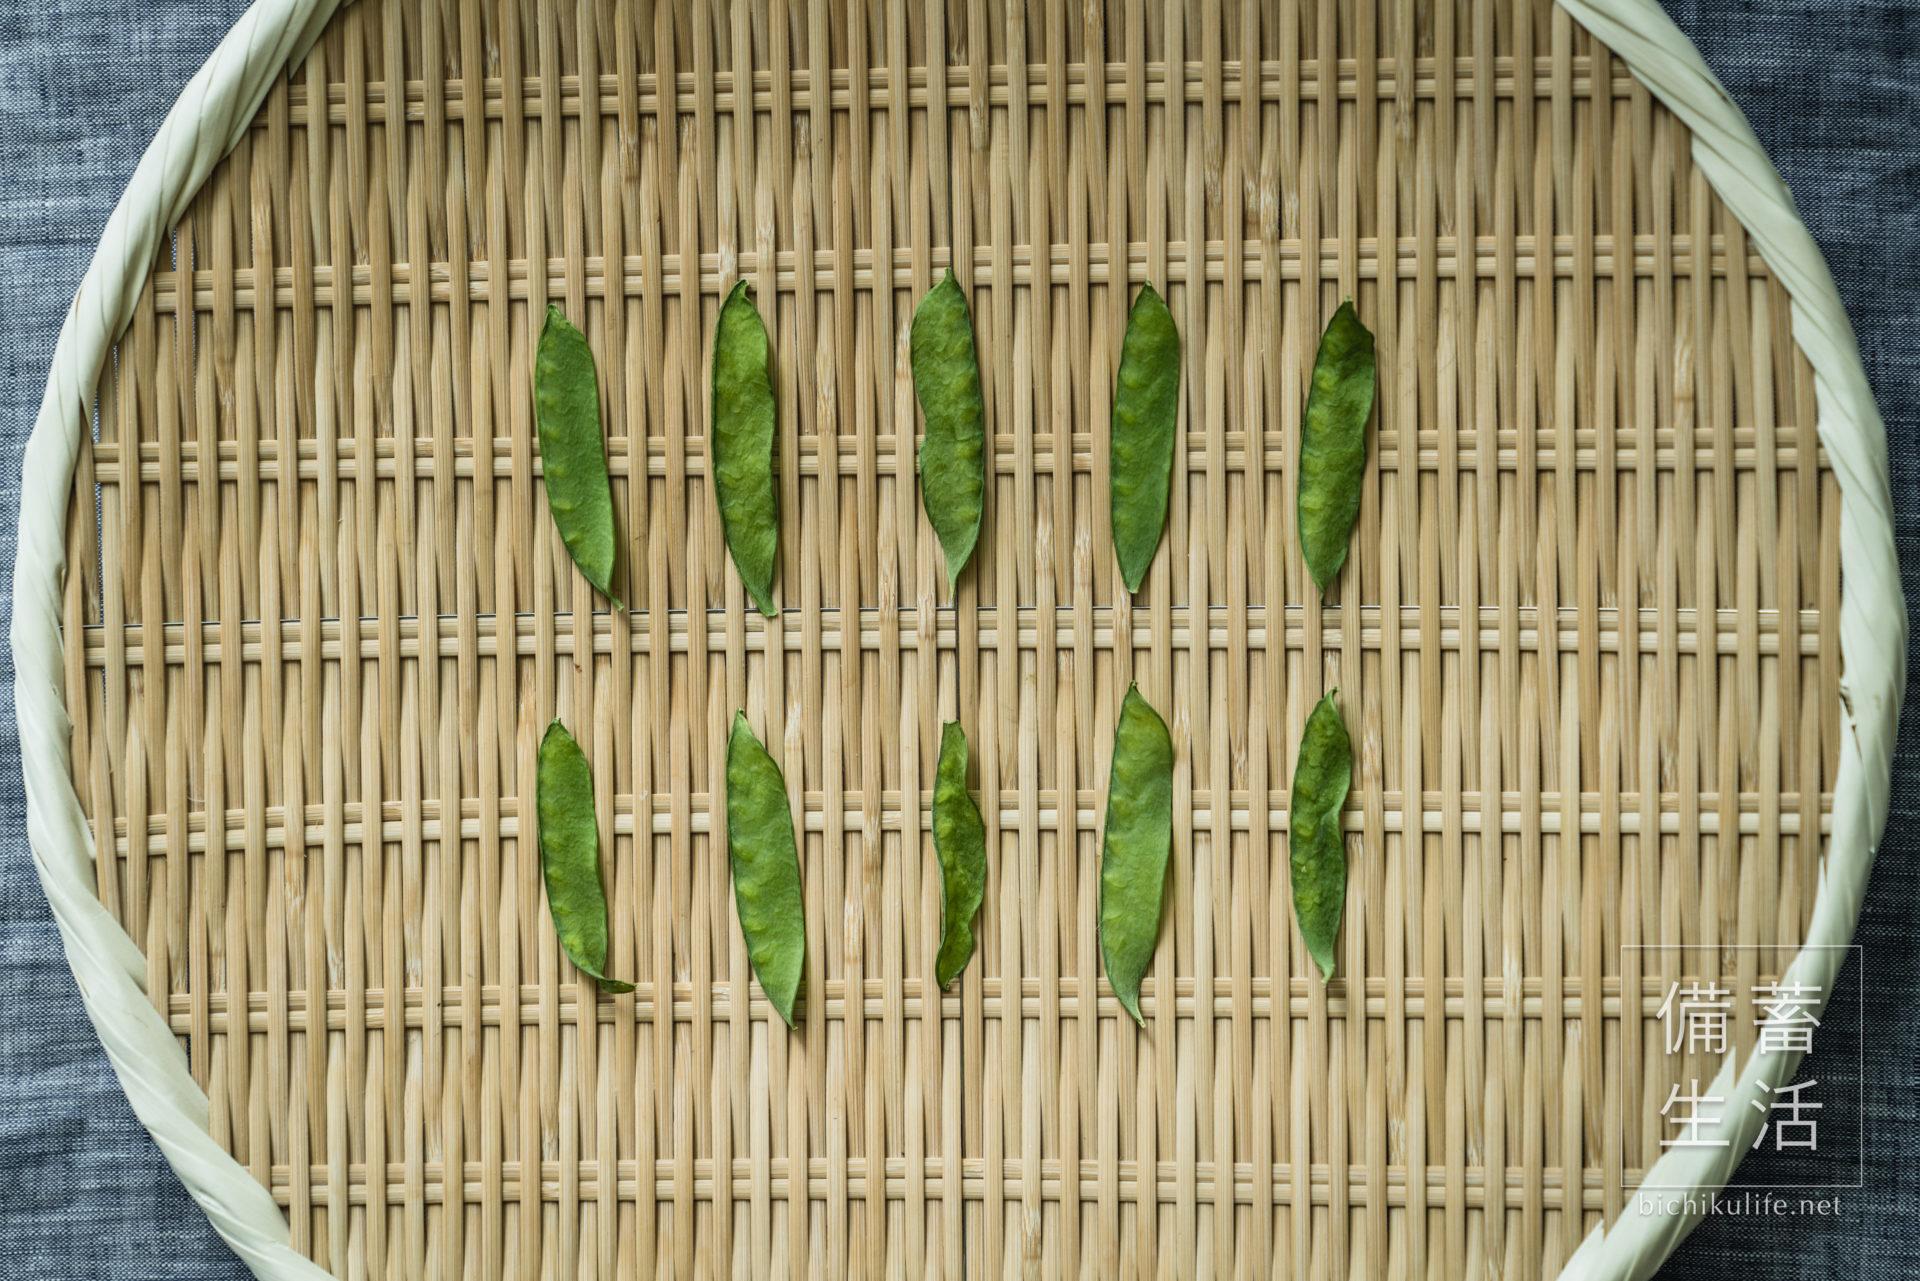 さやえんどう 干し野菜づくり|干しサヤエンドウの作り方